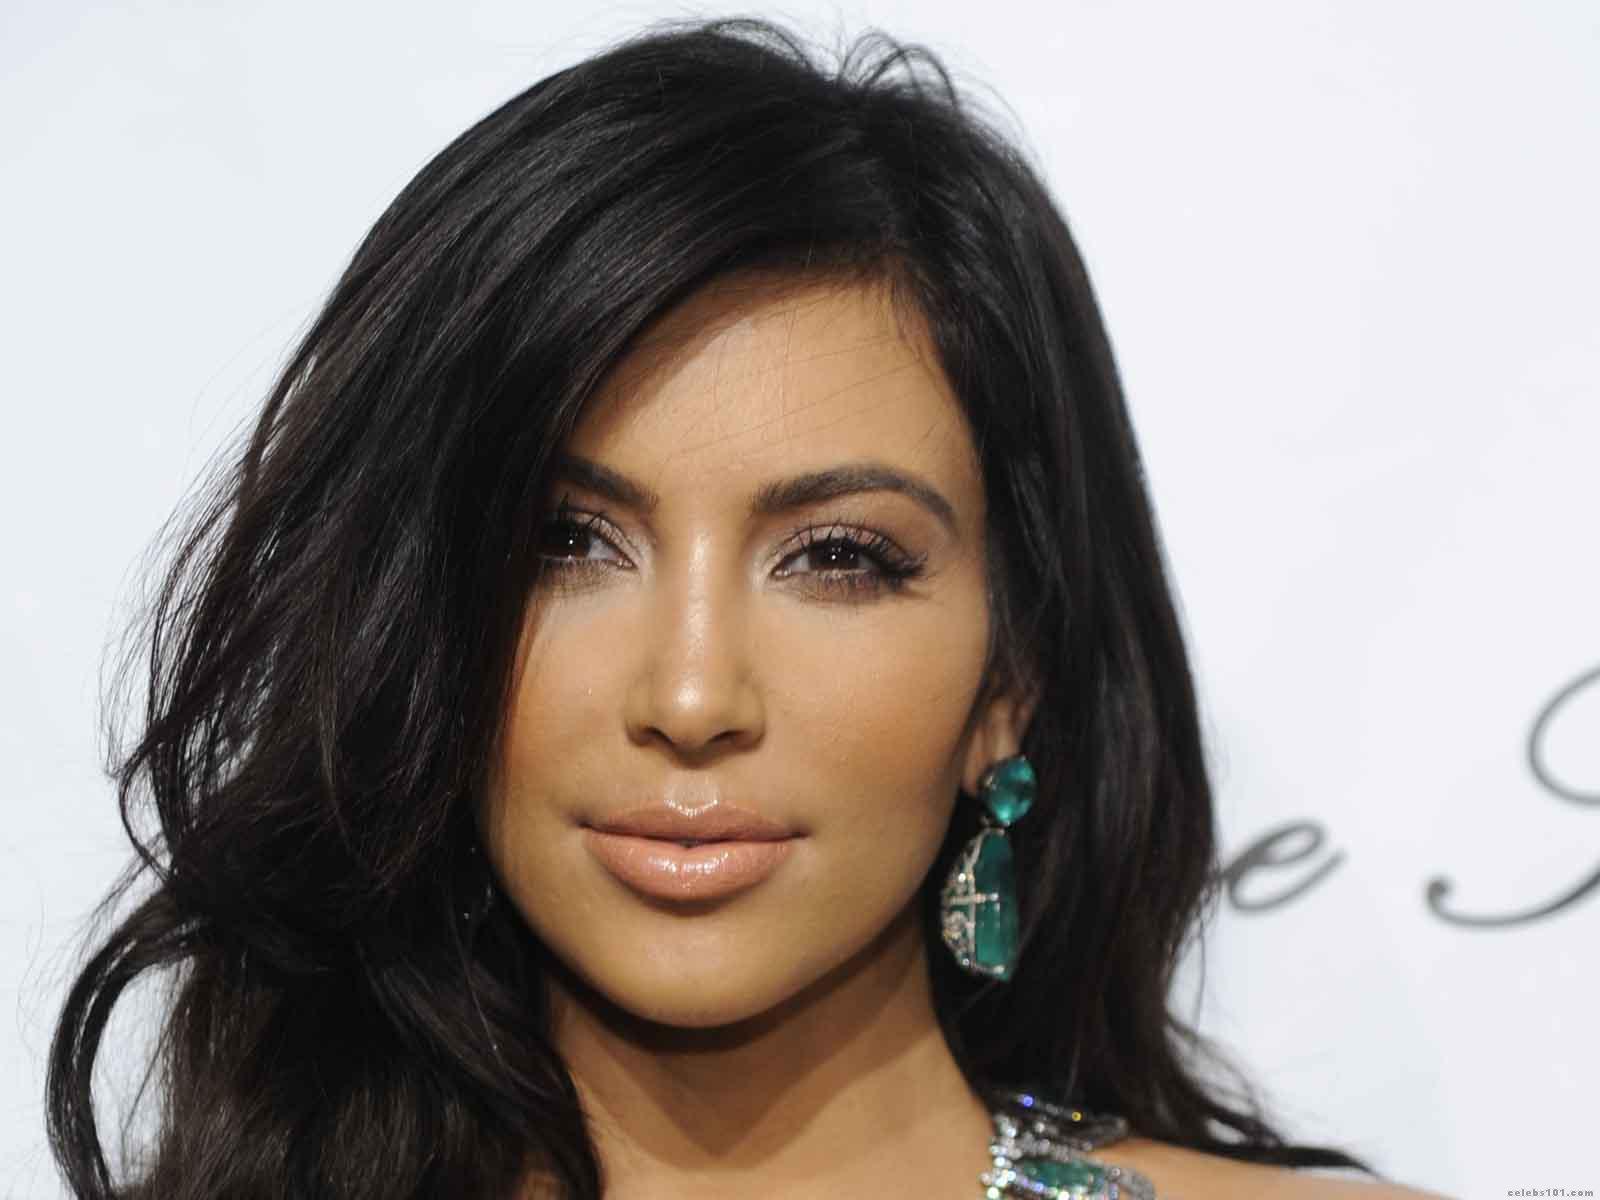 http://1.bp.blogspot.com/-ka6vYTEVLYw/TZHf3aSaLfI/AAAAAAAAAaw/3Aq1e8p2eM4/s1600/Kim_Kardashian_Wallpaper.jpg